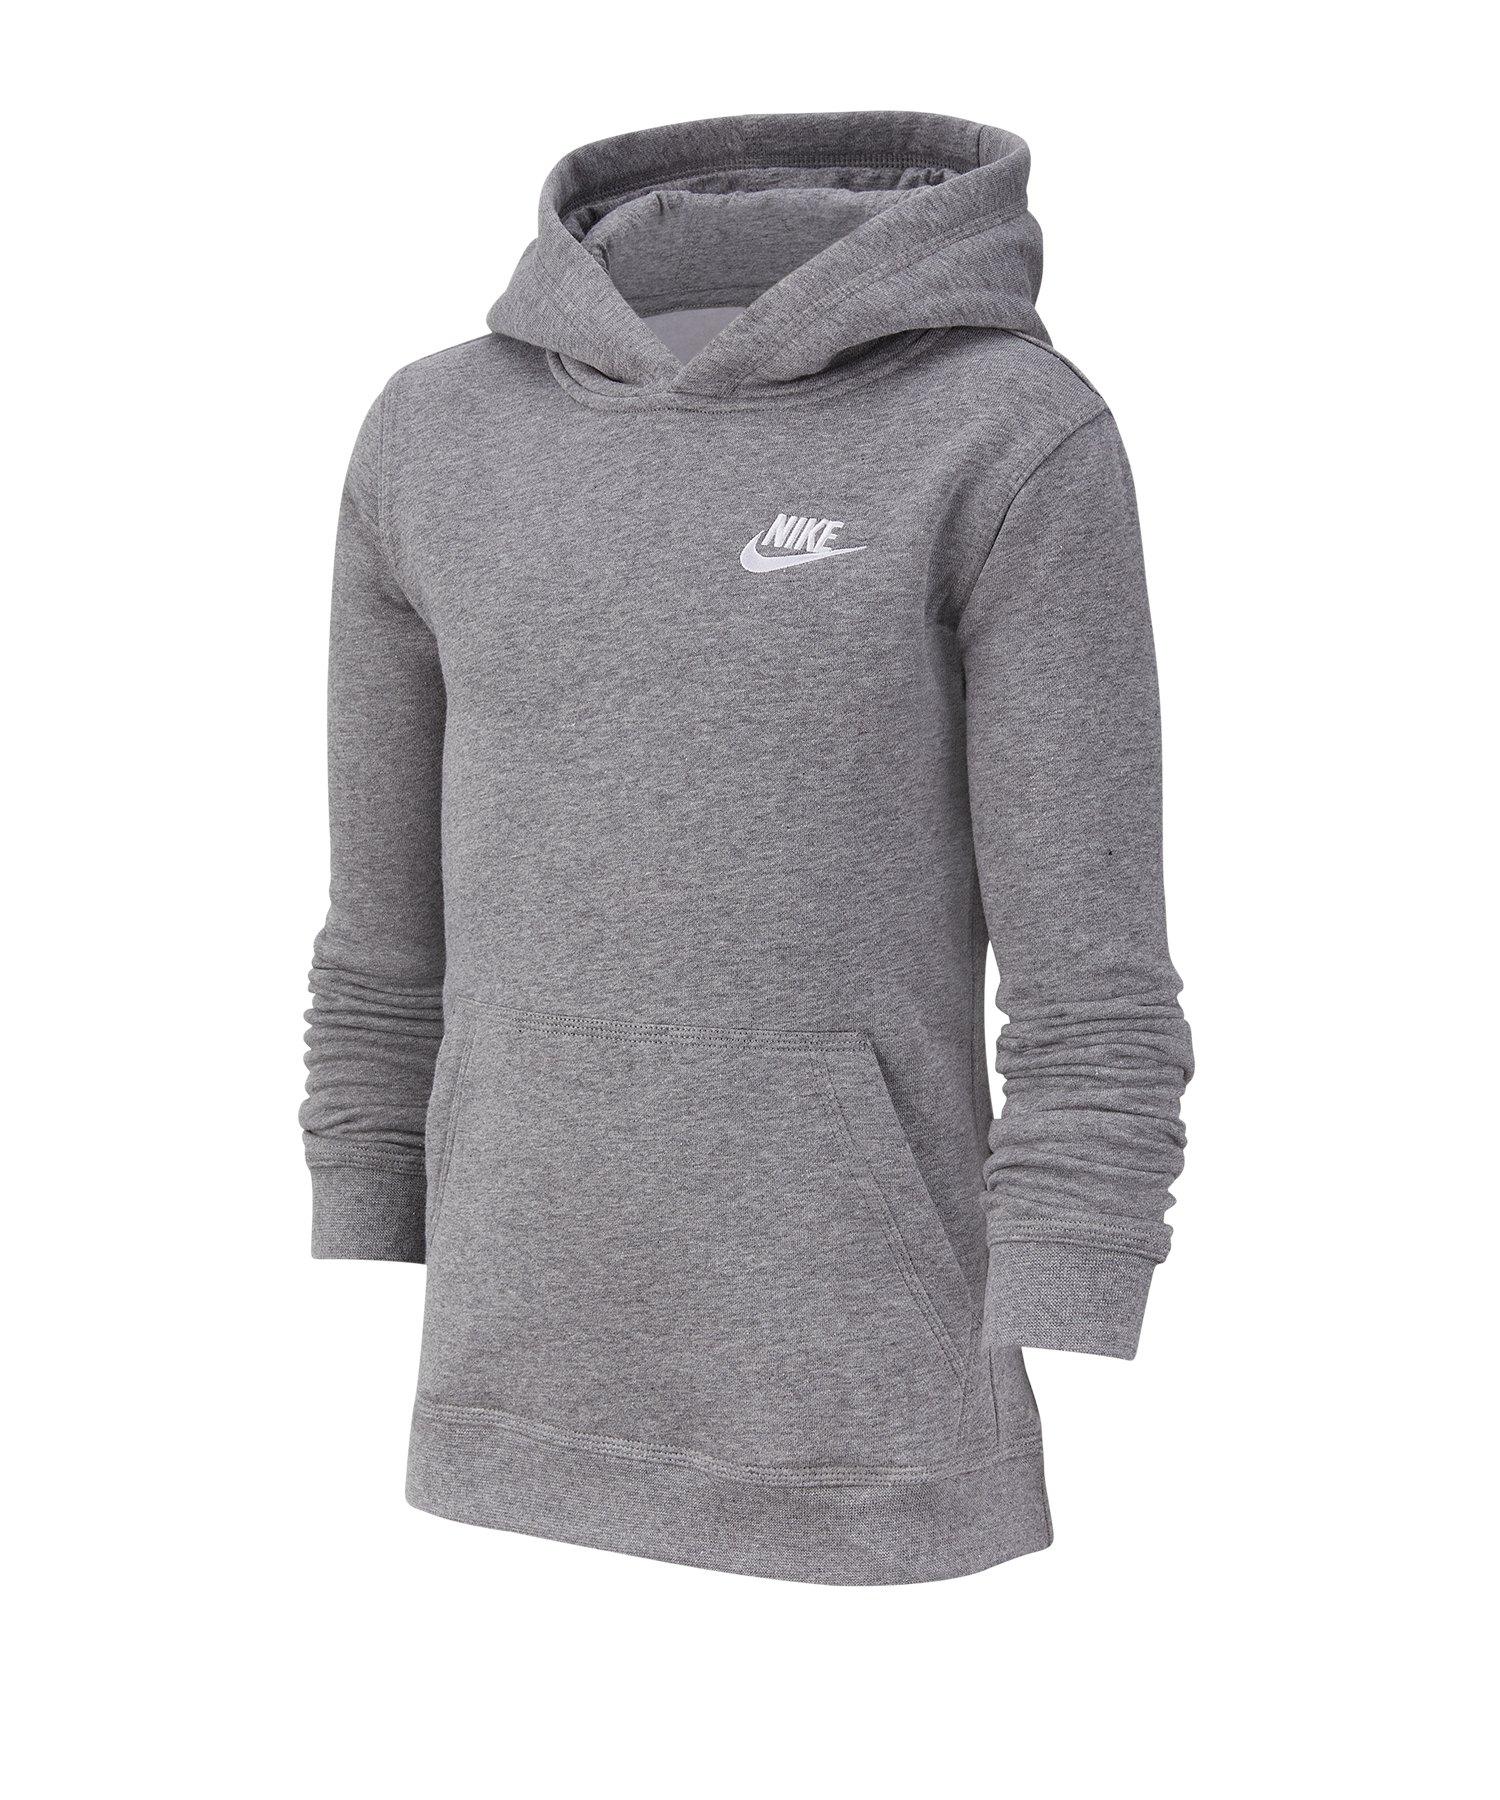 Nike Hoody Sweatshirt Kapuzenpullover Kids F091 - grau